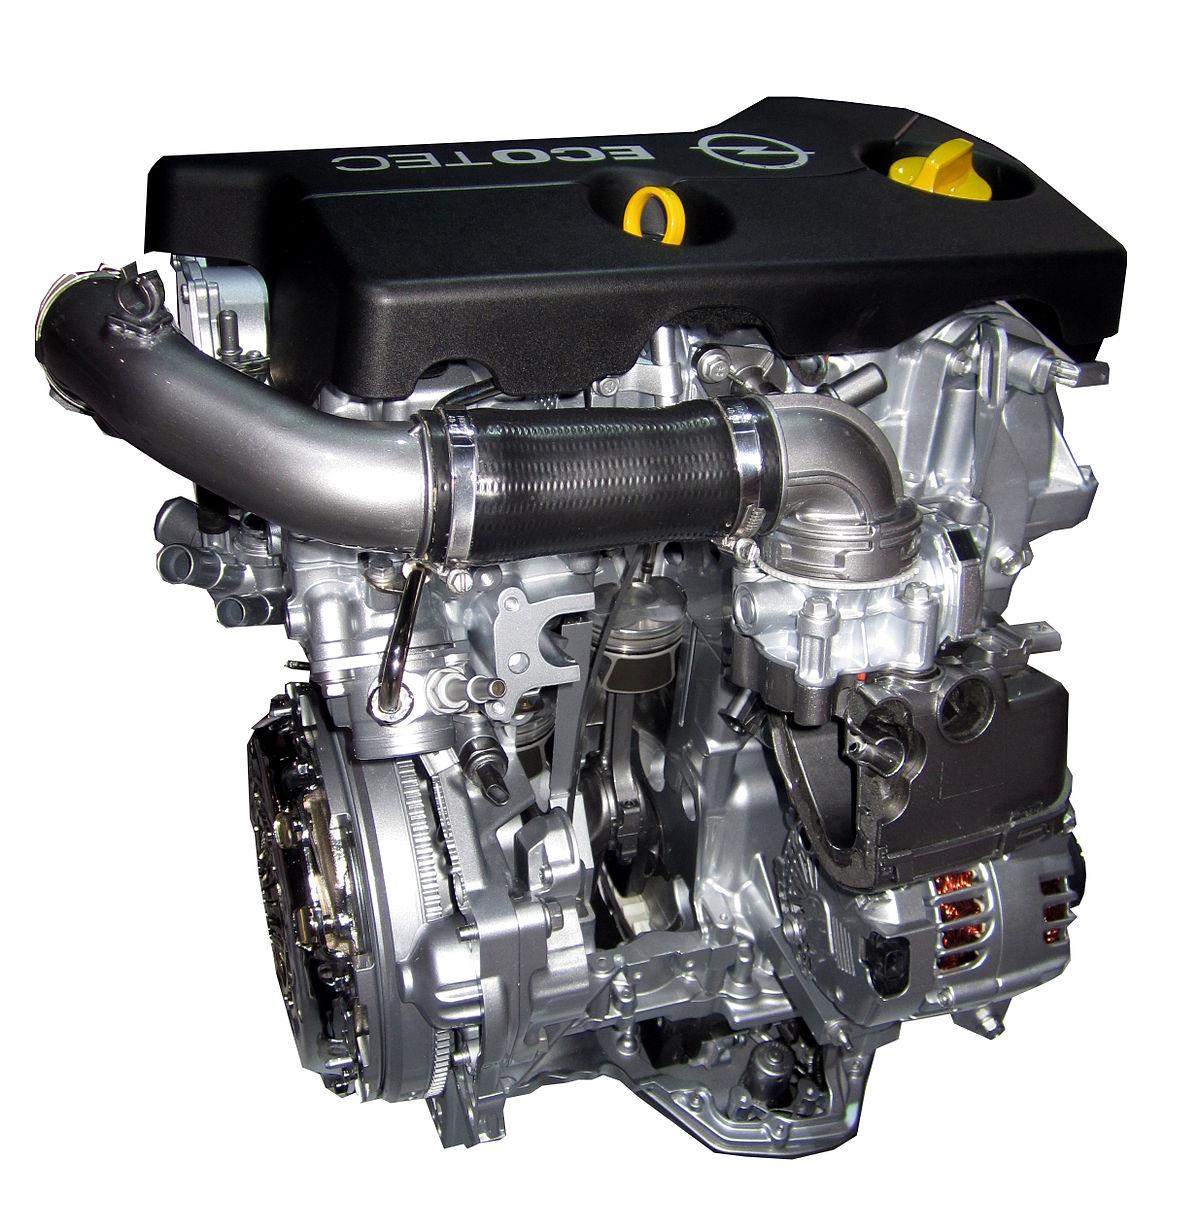 Water Cooling Diagram 3 5 Chrysler Marine